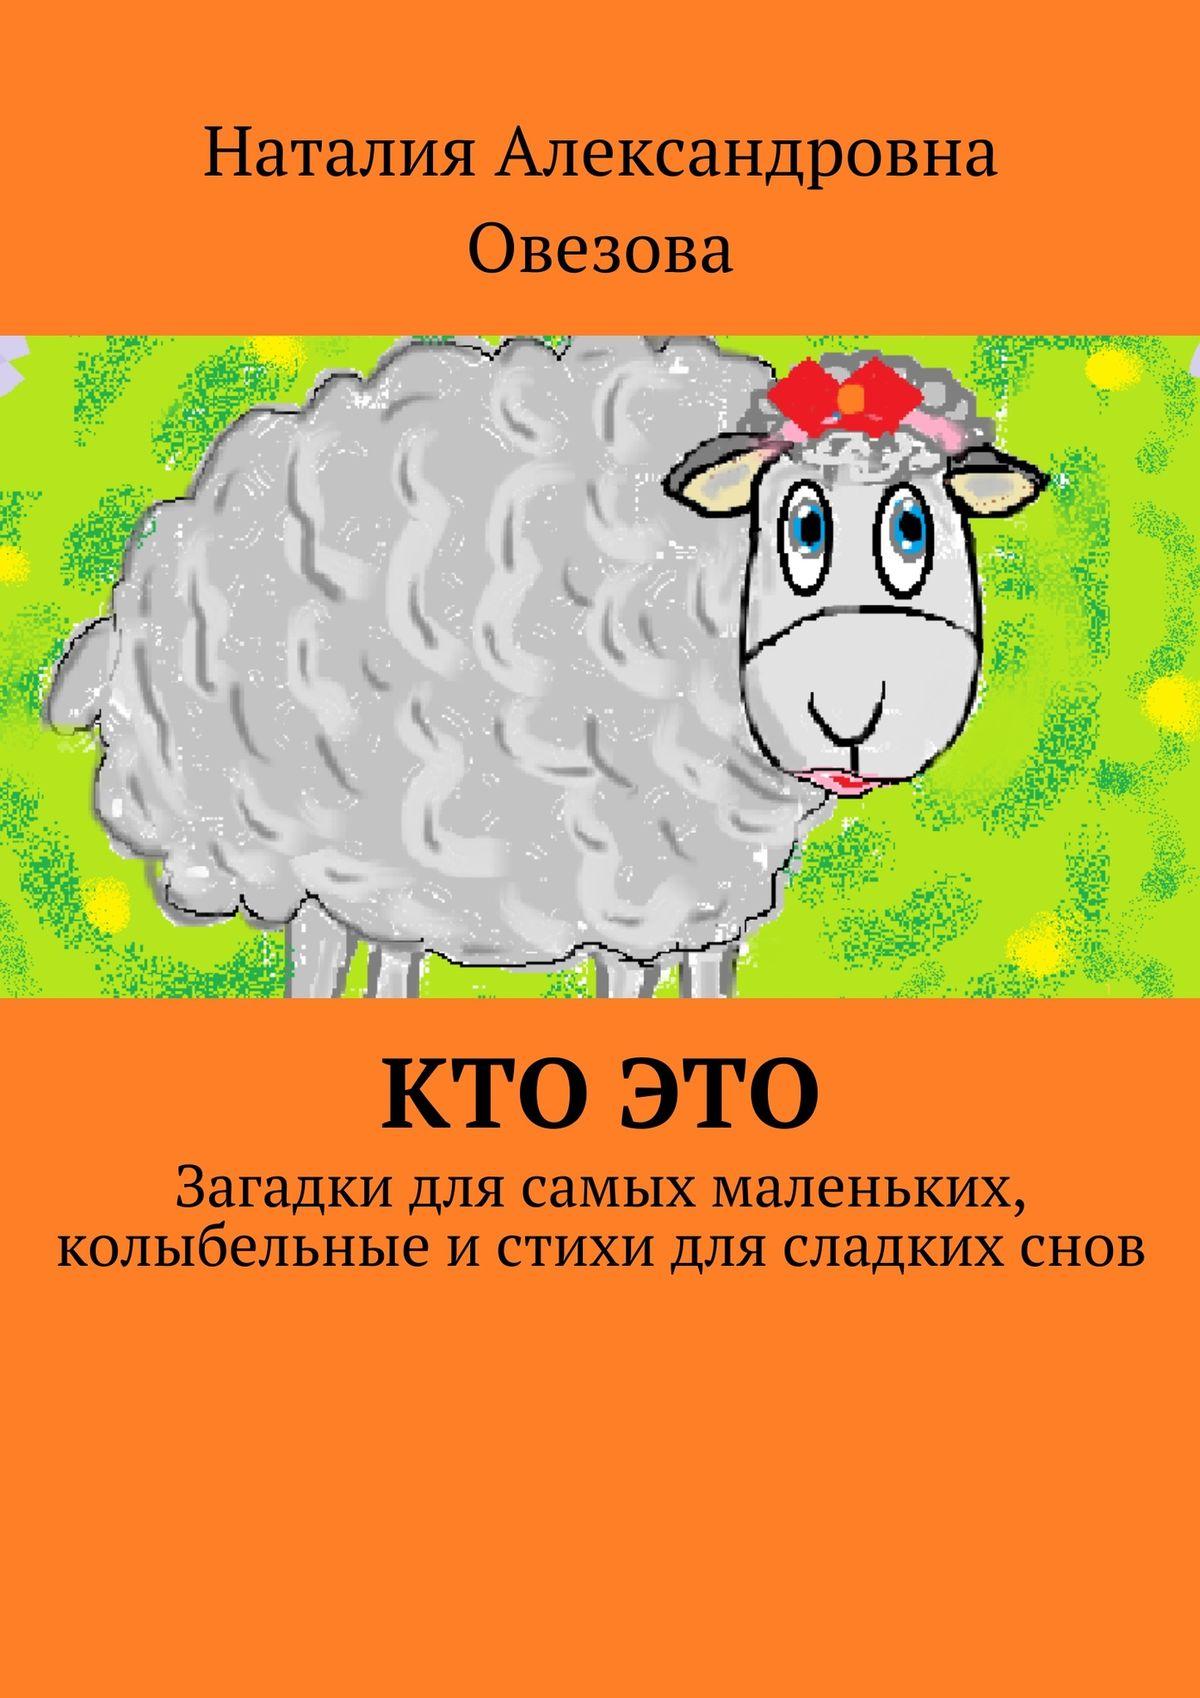 Наталия Александровна Овезова Кто это. Загадки для самых маленьких, колыбельные и стихи для сладких снов цена